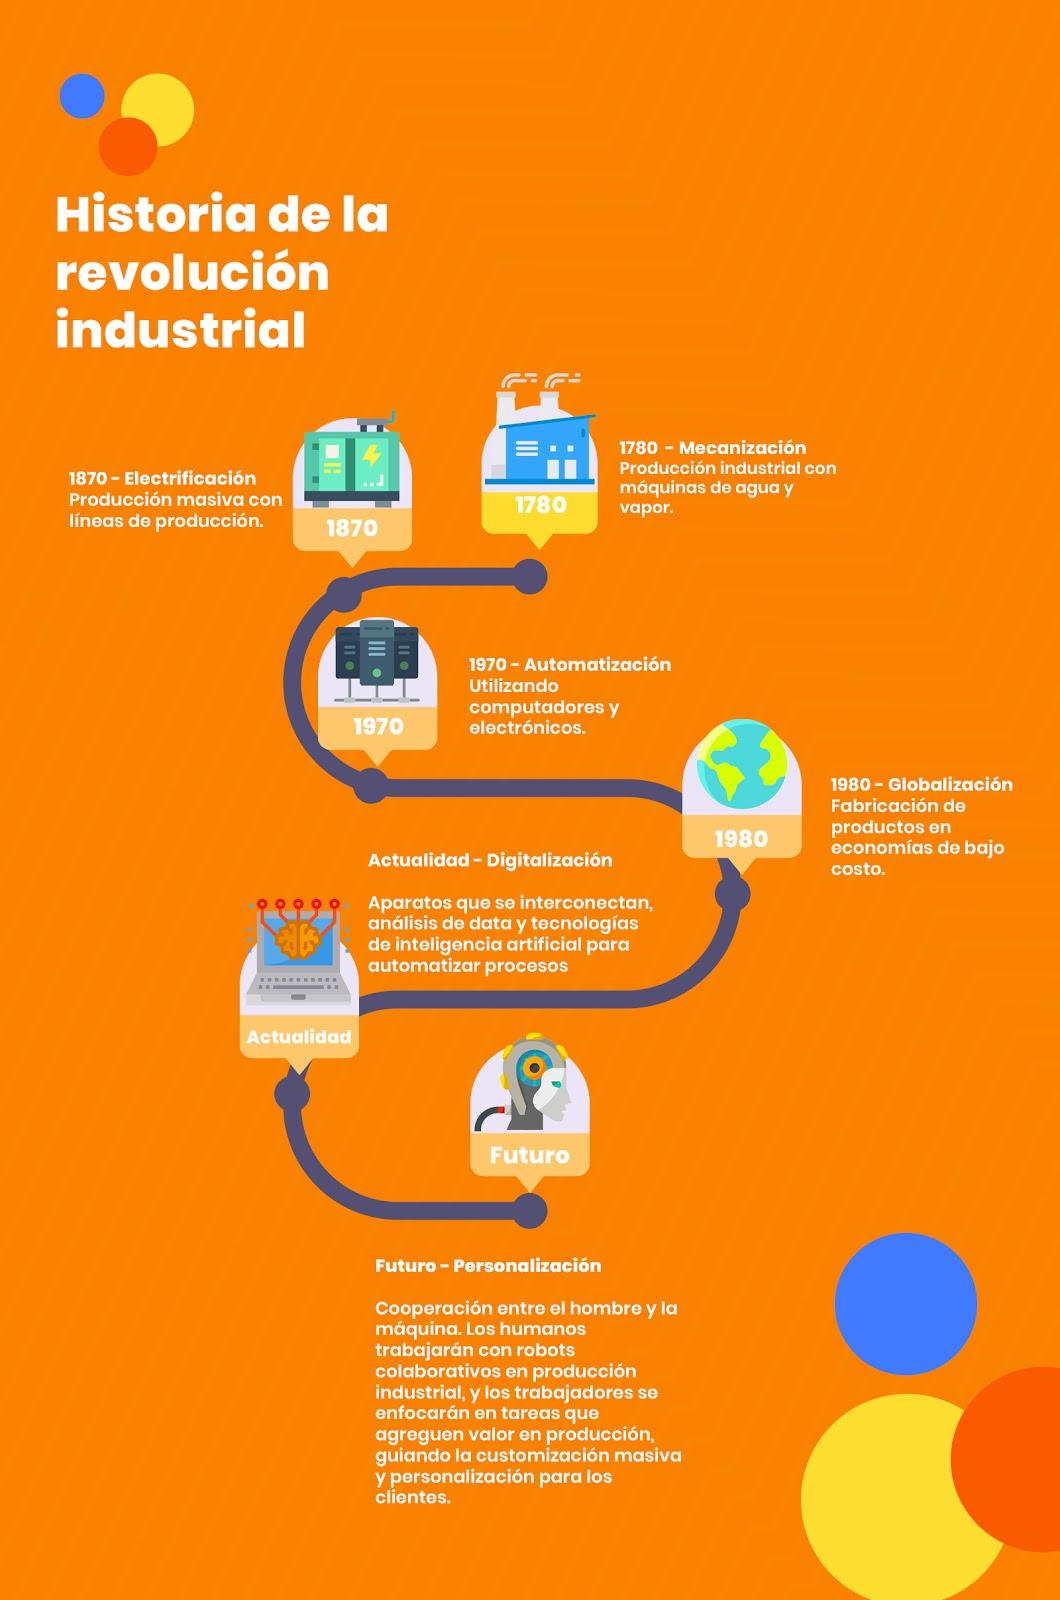 Historia de la revolución industrial